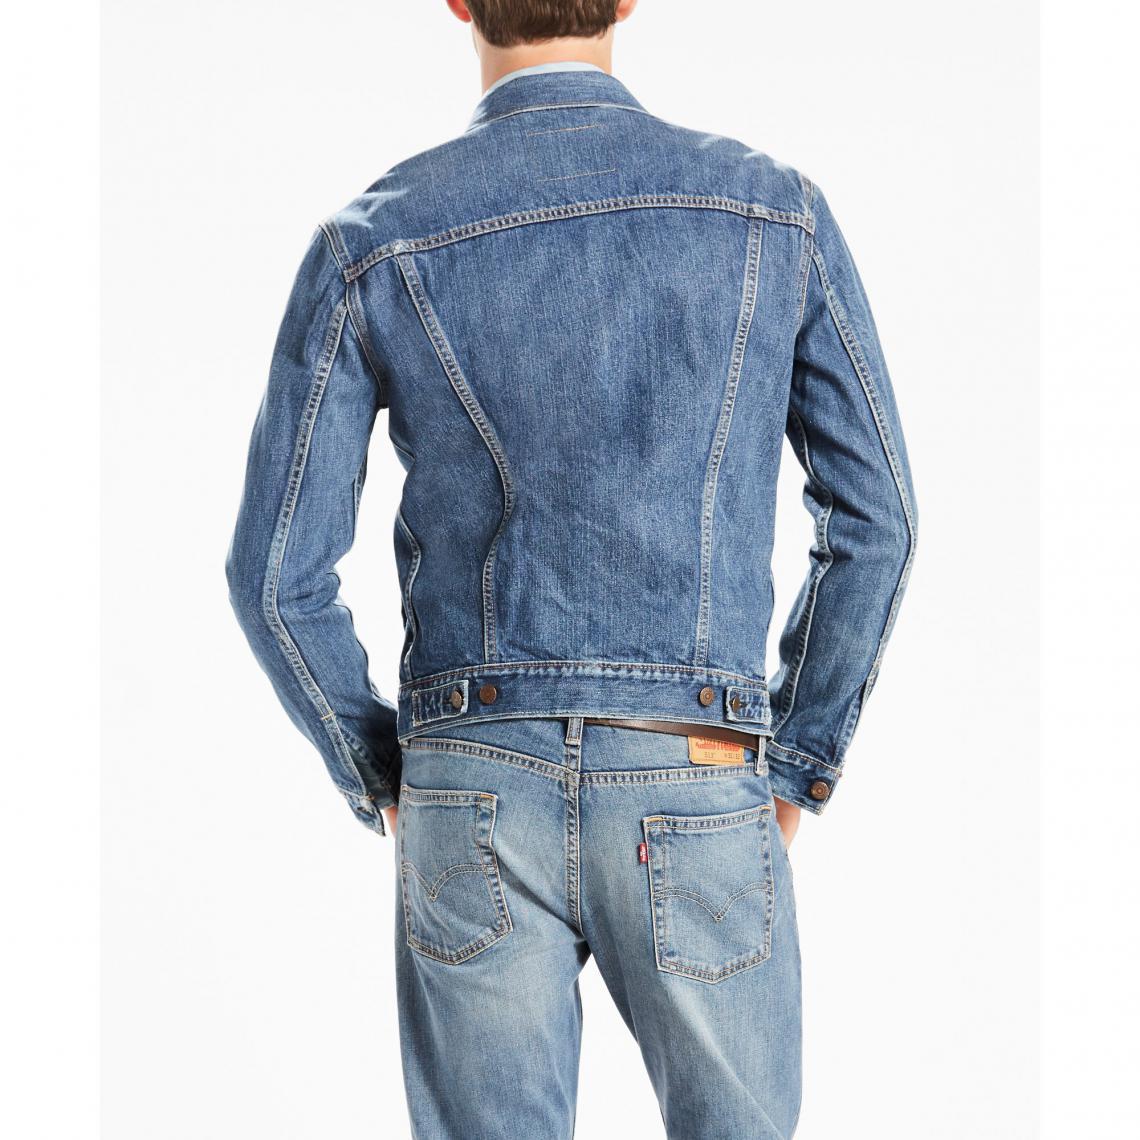 85b4d4b11bf Vestes en jeans homme Levi s Cliquez l image pour l agrandir. Veste denim  Trucker homme Levi s - Blue ...